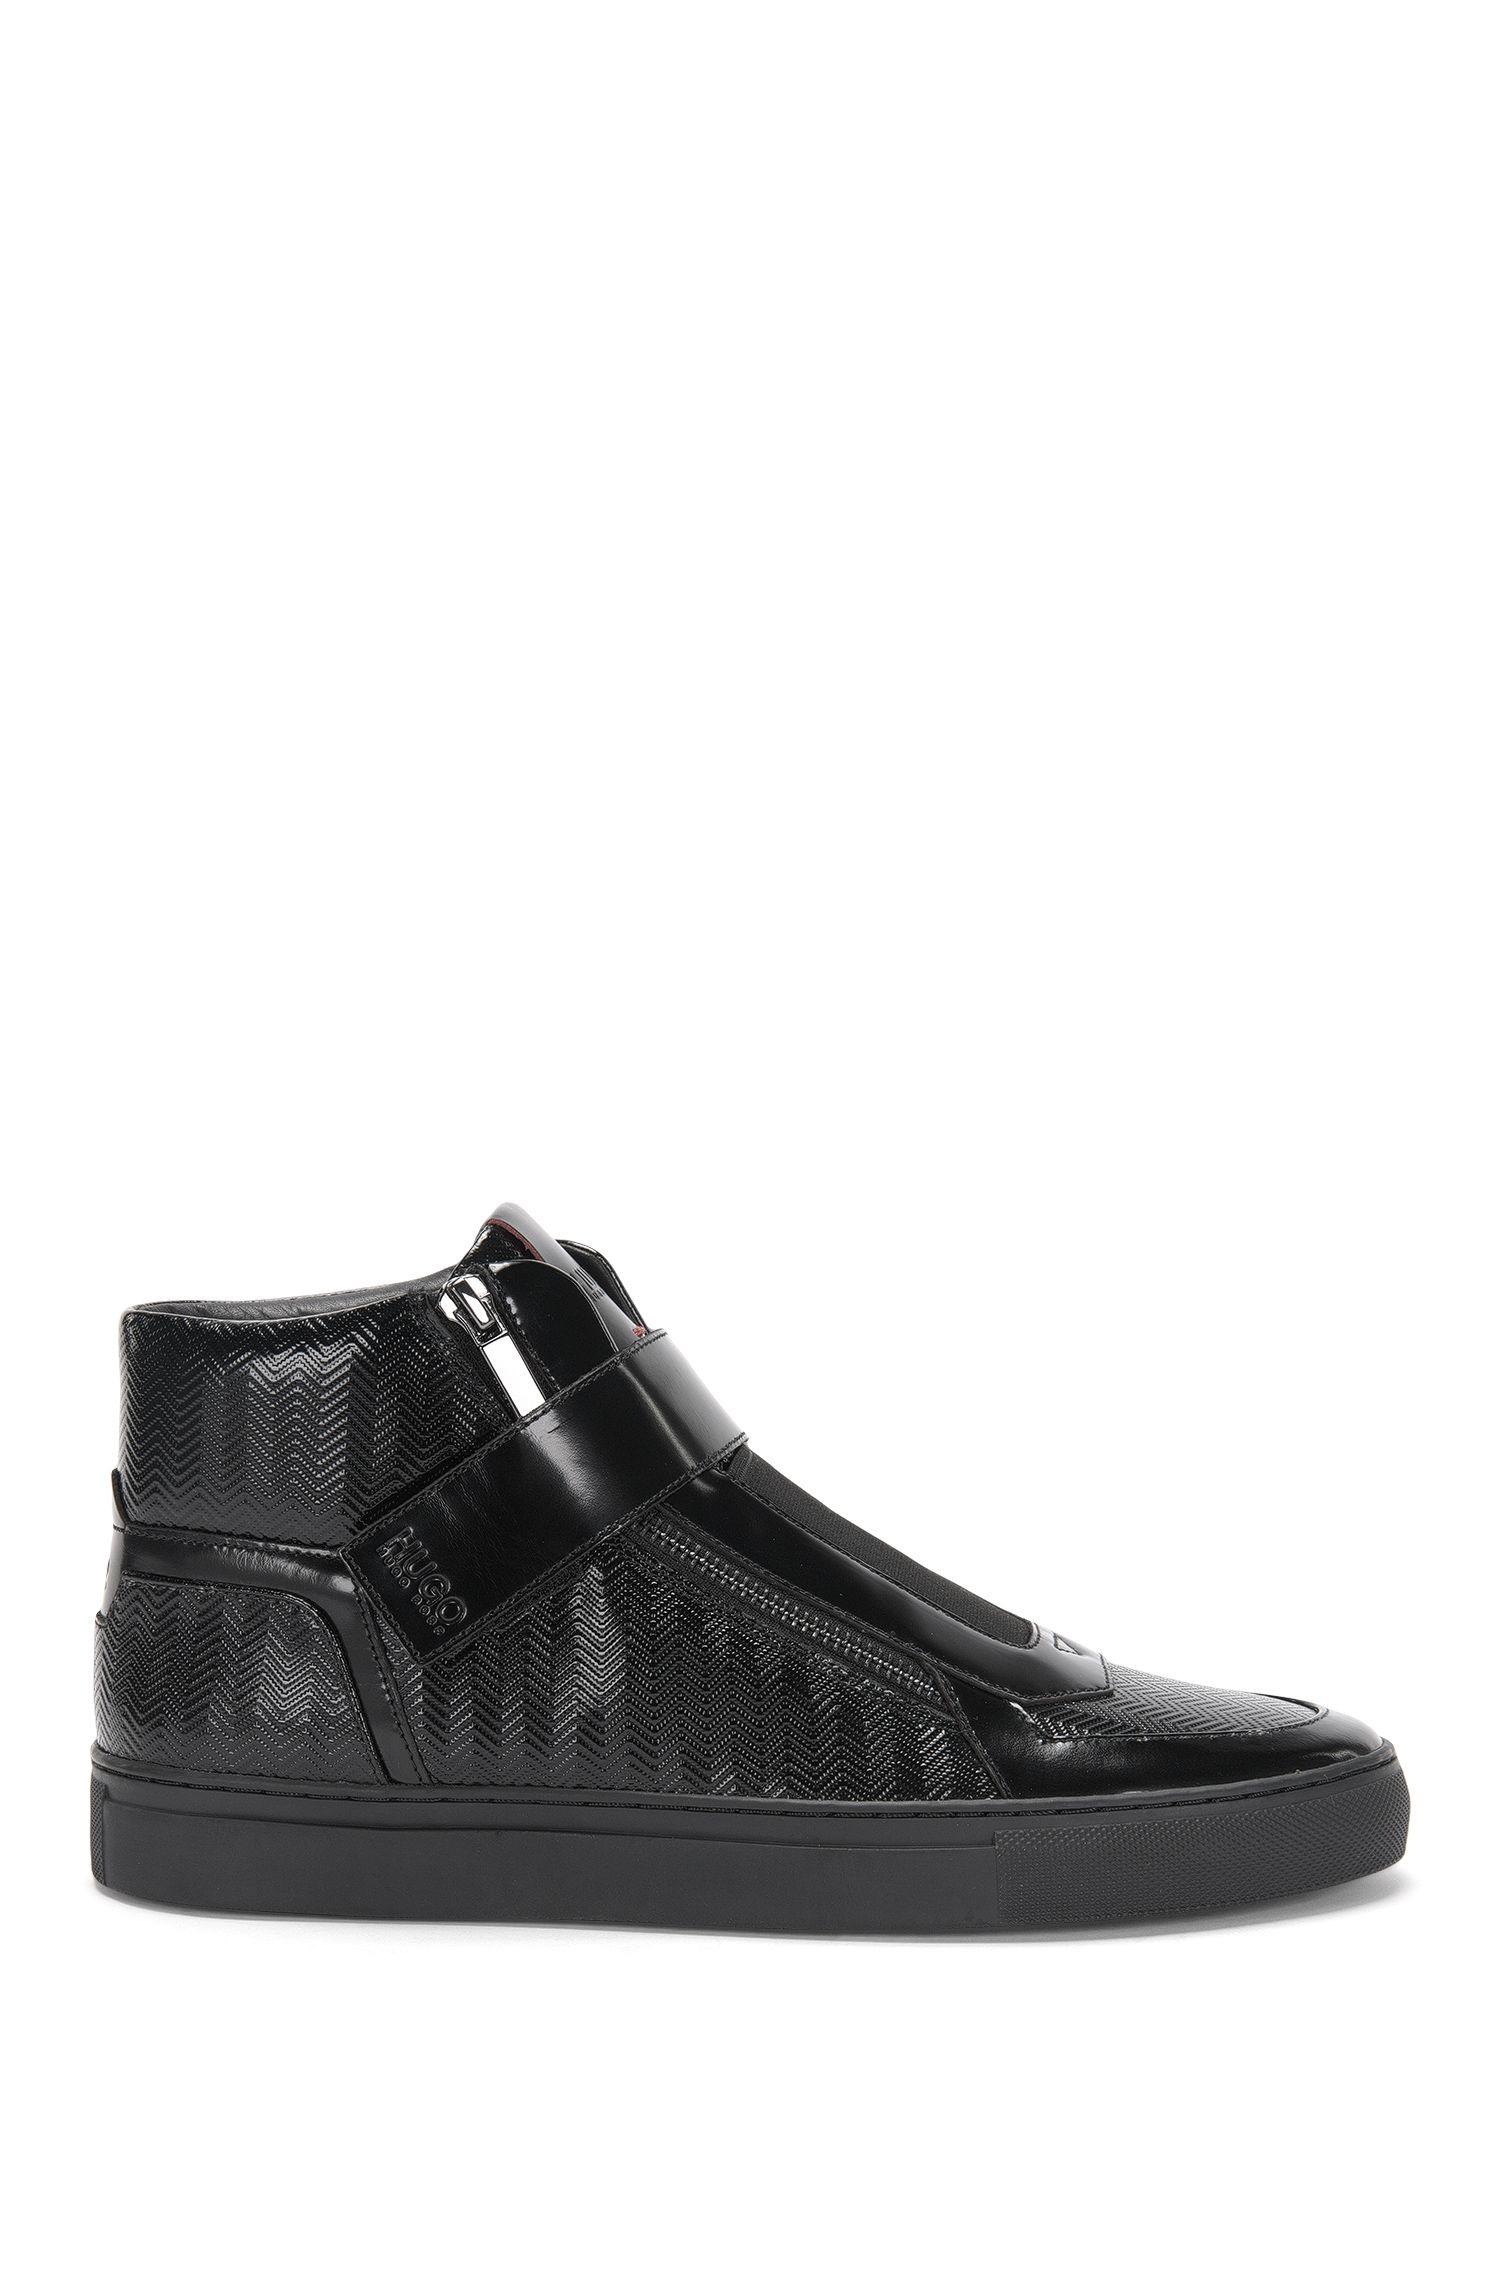 Hightop-Sneakers aus Leder mit Zickzack-Struktur: 'Futurism_Midc_mtpr'